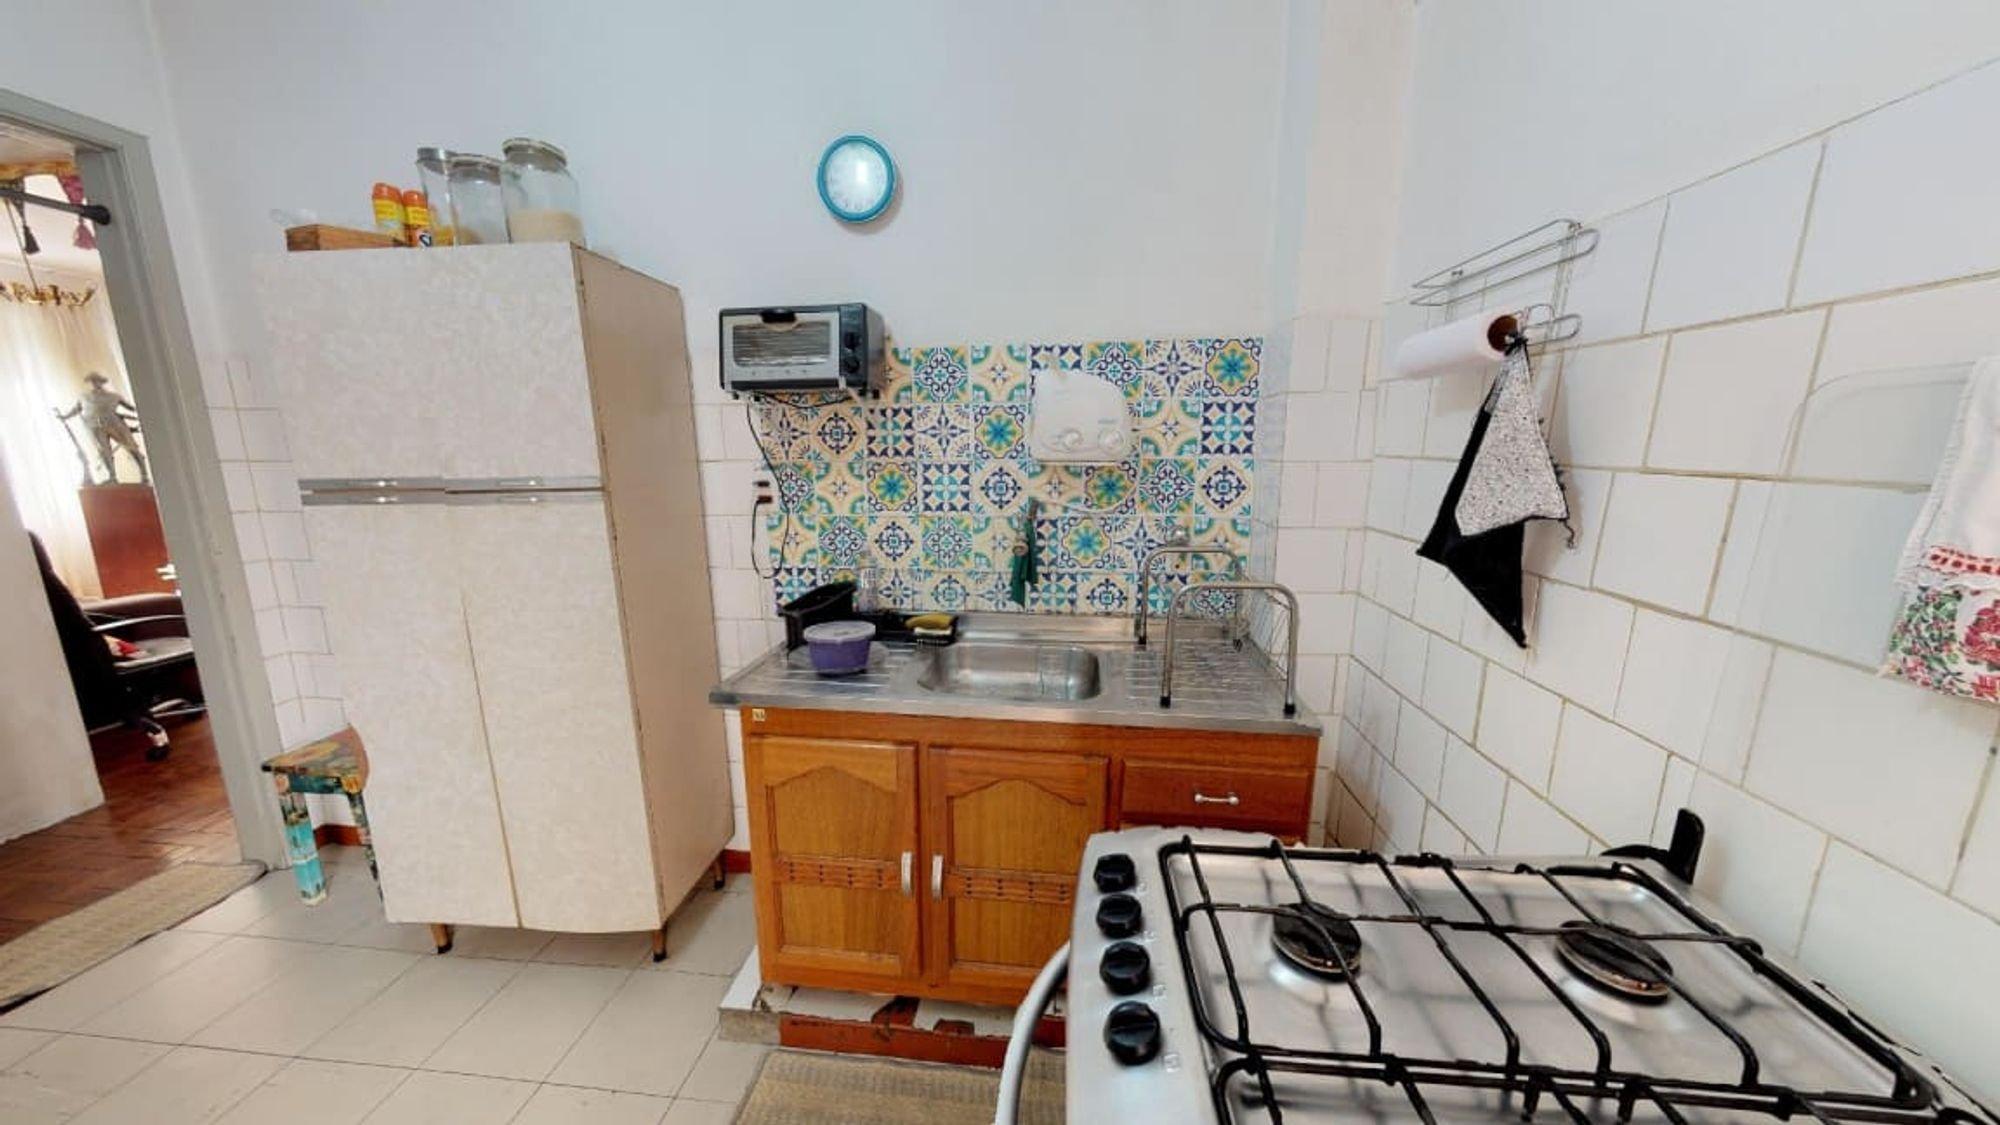 Foto de Cozinha com relógio, forno, geladeira, xícara